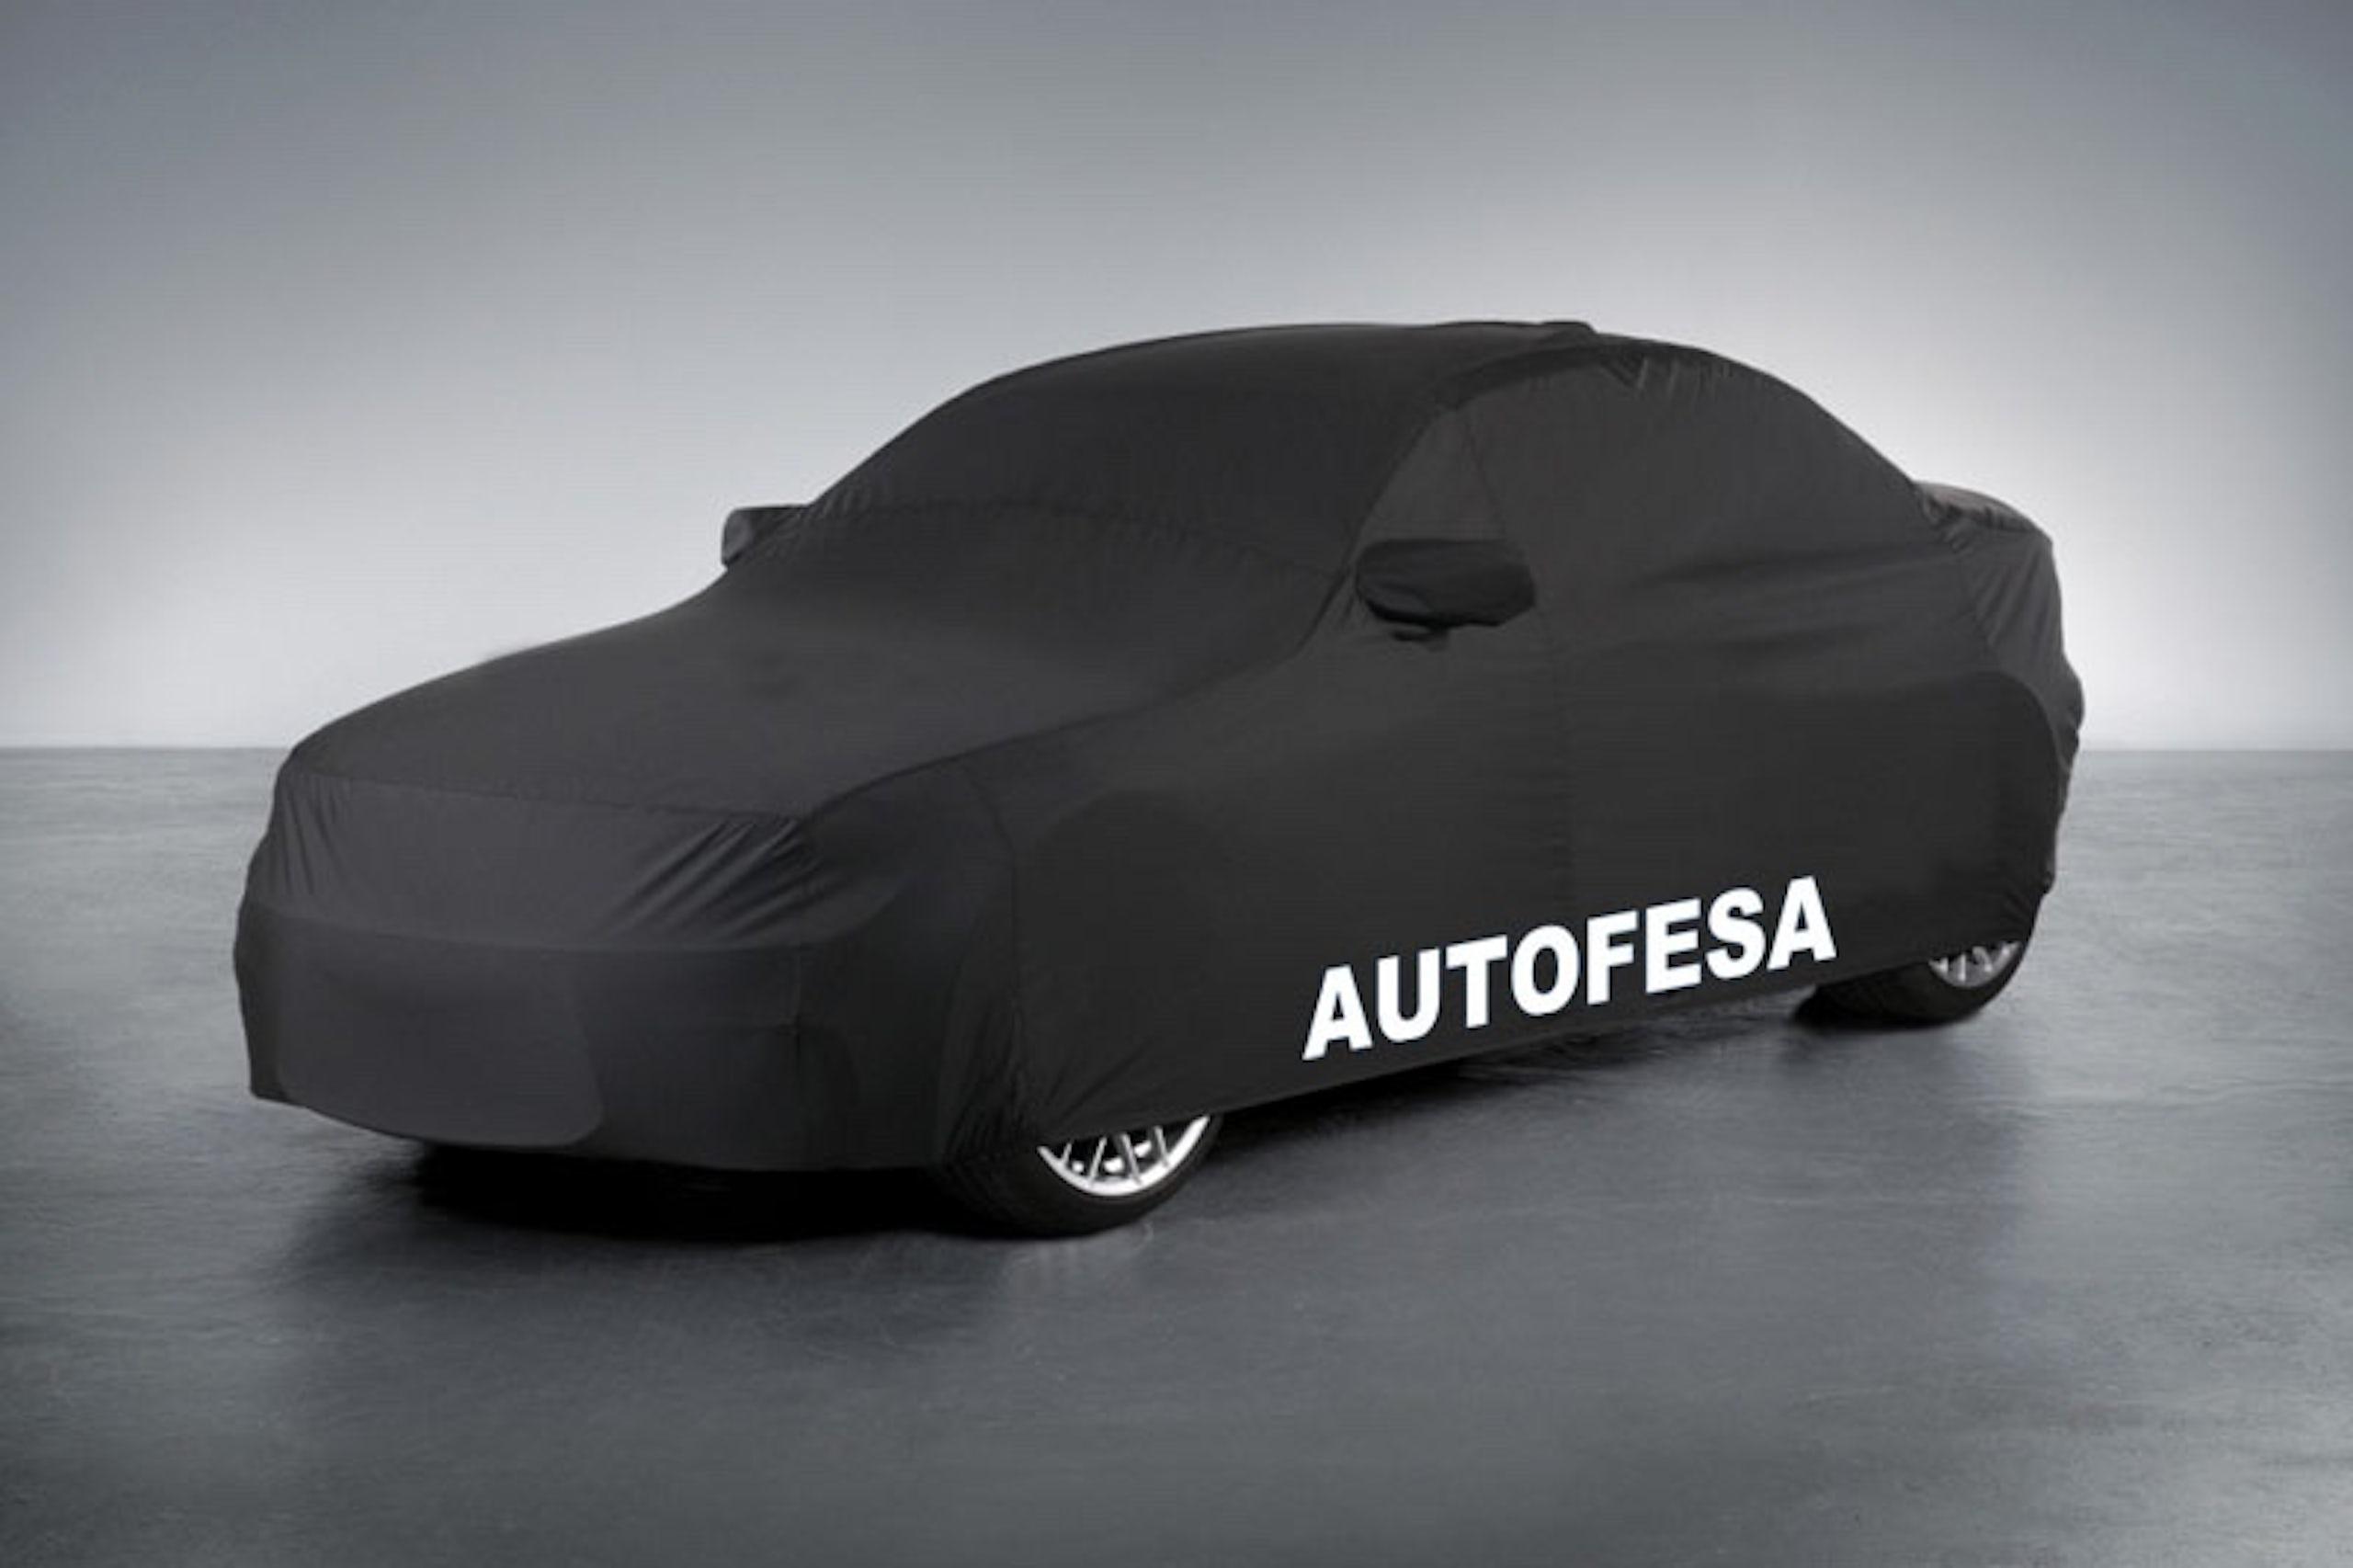 Audi A4 Avant 2.0 TDI 150cv Auto 5p S/S - Foto 10